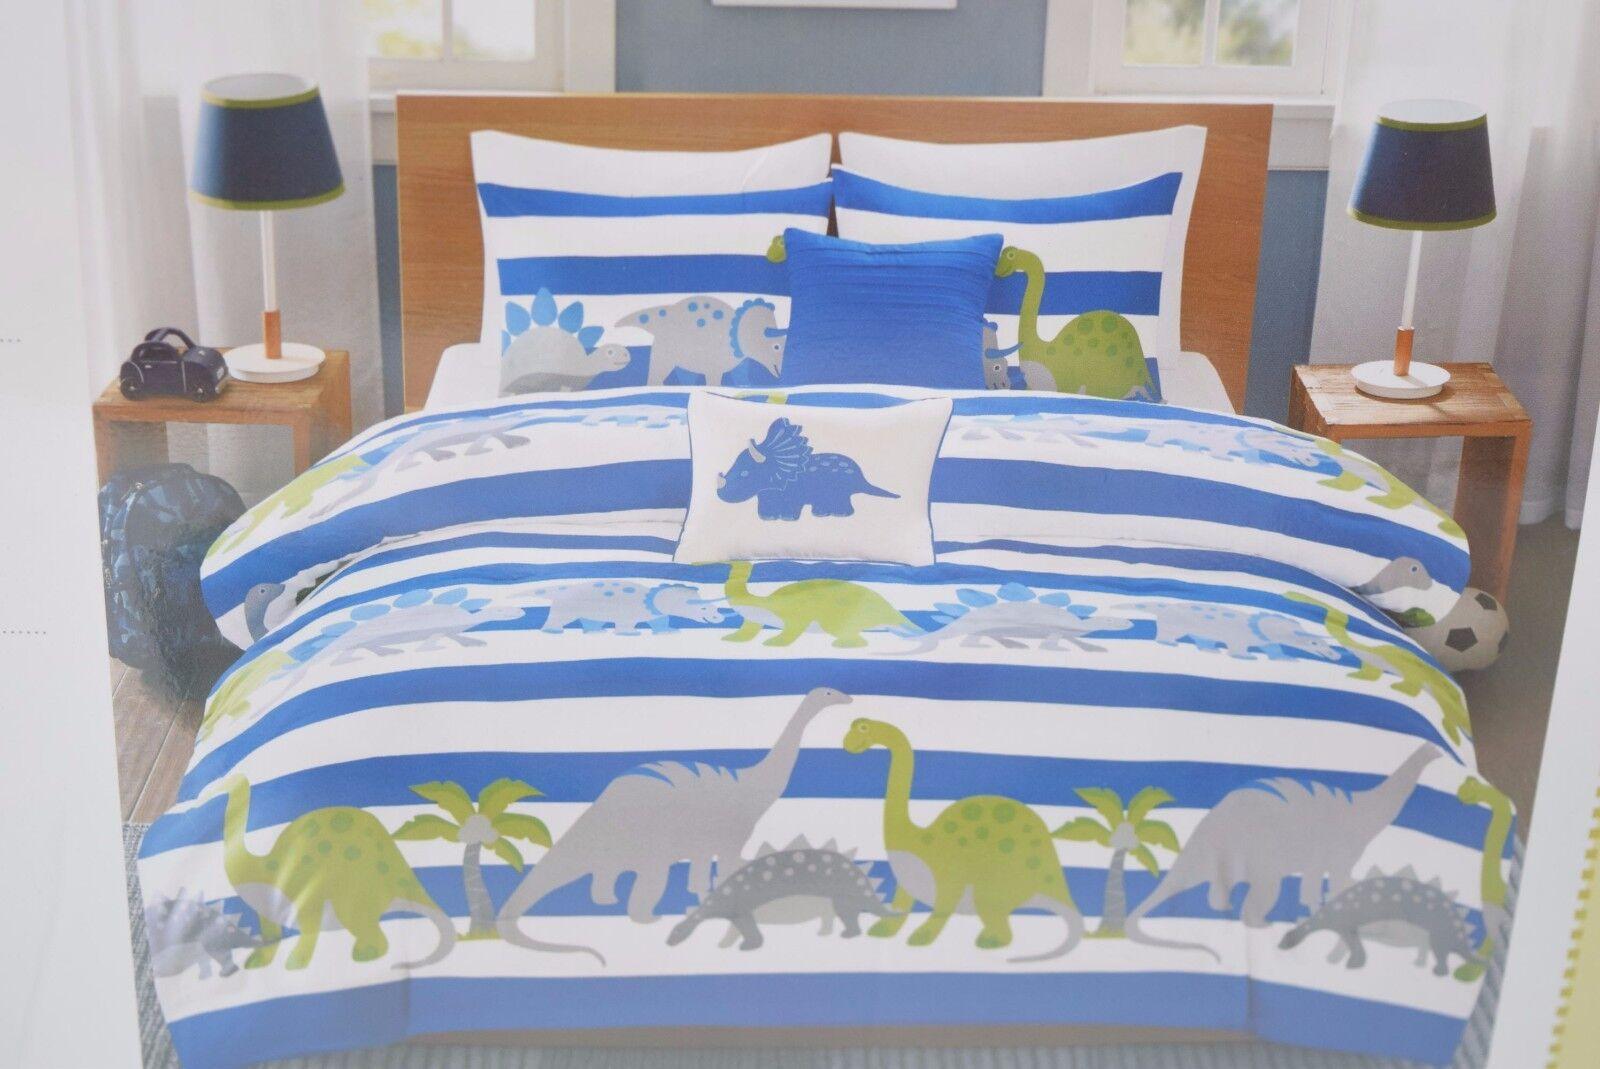 Nouveau Oyo sur votre propre & Cloud 9 Dinosaure Dino 7 pièces Twin ou 9 pieces complet ensemble de literie